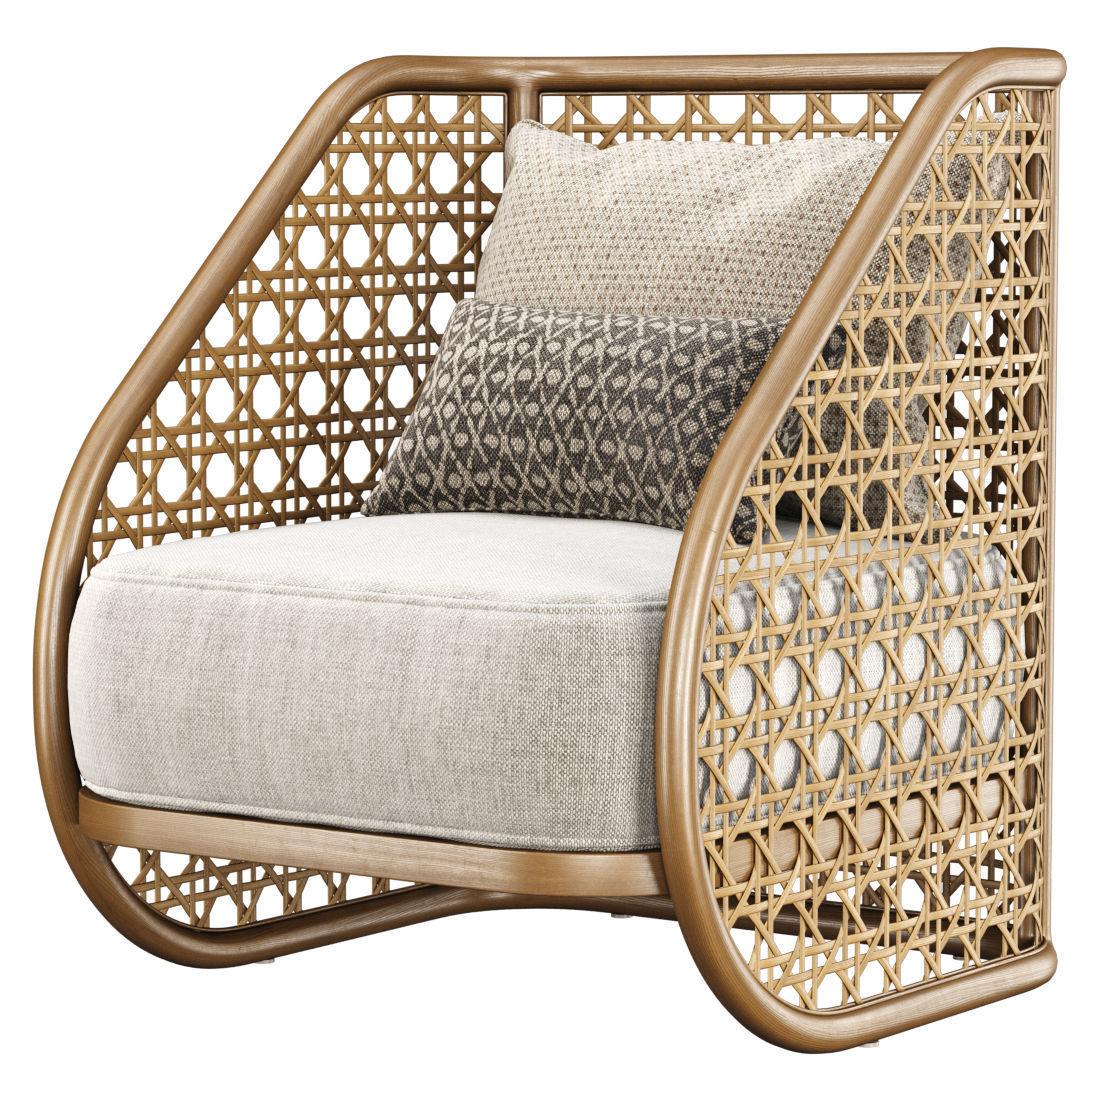 Carry rattan armchair SA10